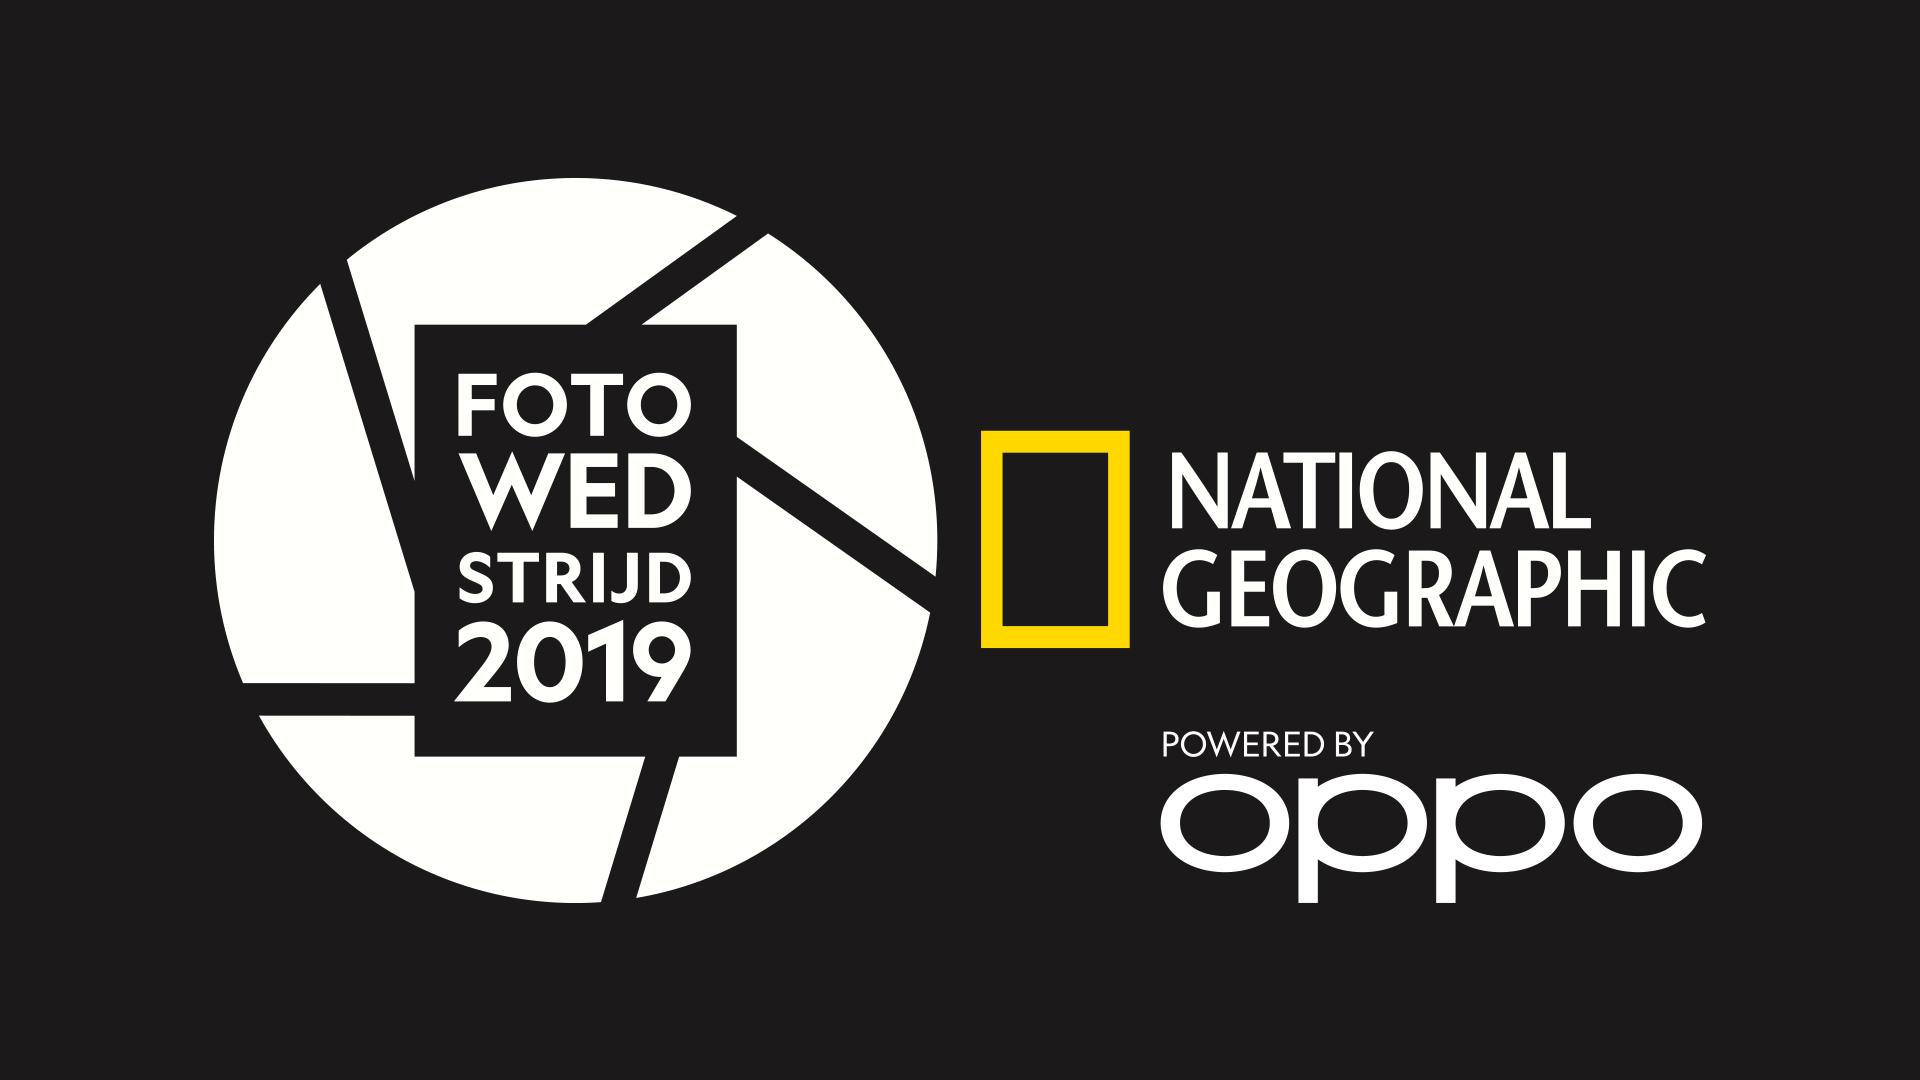 natgeo-oppo-banner